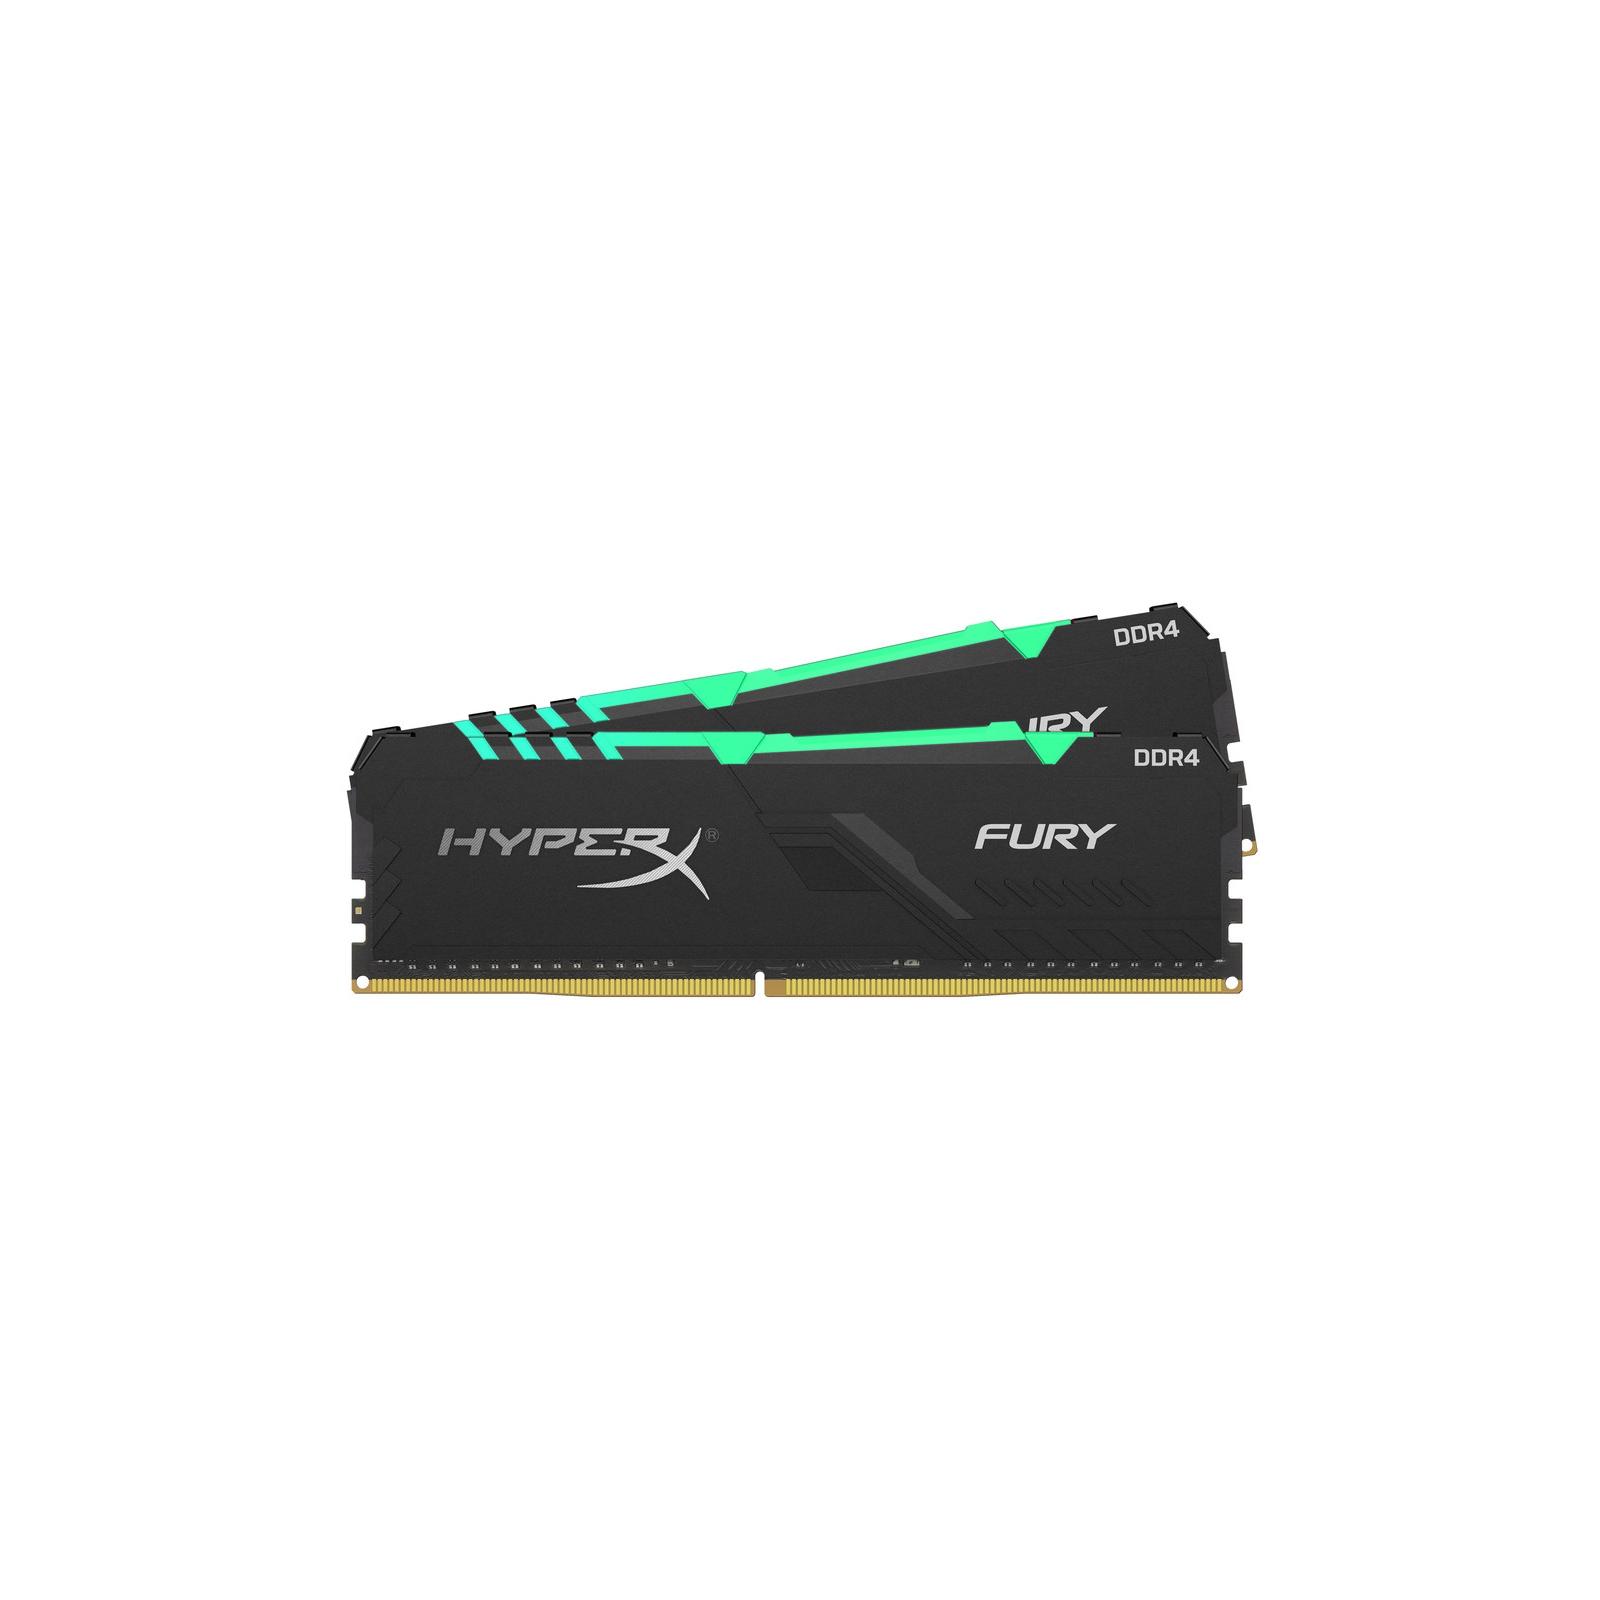 Модуль памяти для компьютера DDR4 32GB (2x16GB) 3466 MHz HyperX FURY RGB HyperX (Kingston Fury) (HX434C16FB3AK2/32) изображение 2